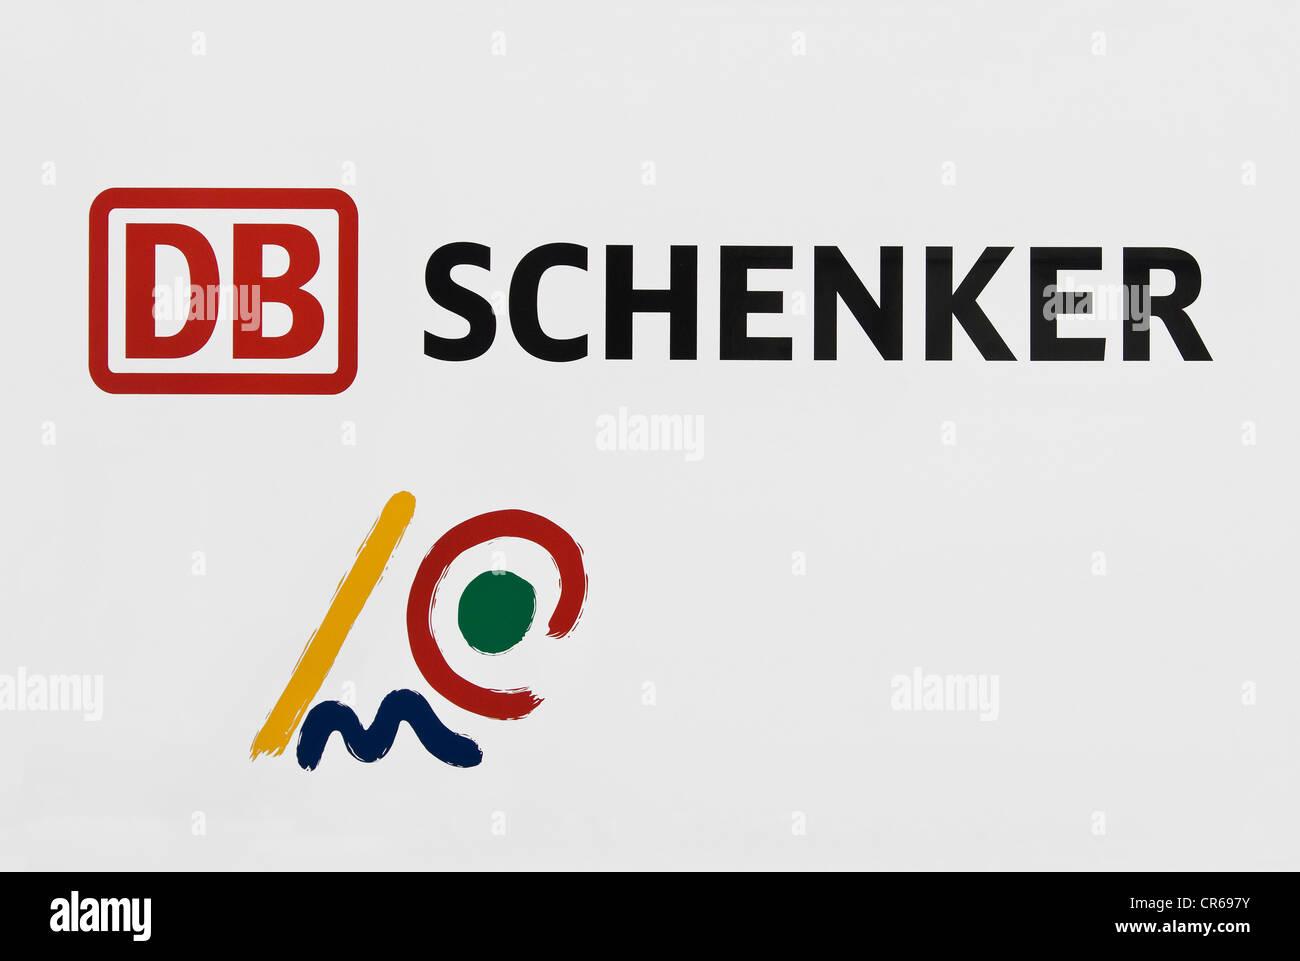 DB Schenker Logo, Symbol für den kombinierten Verkehr Stockbild